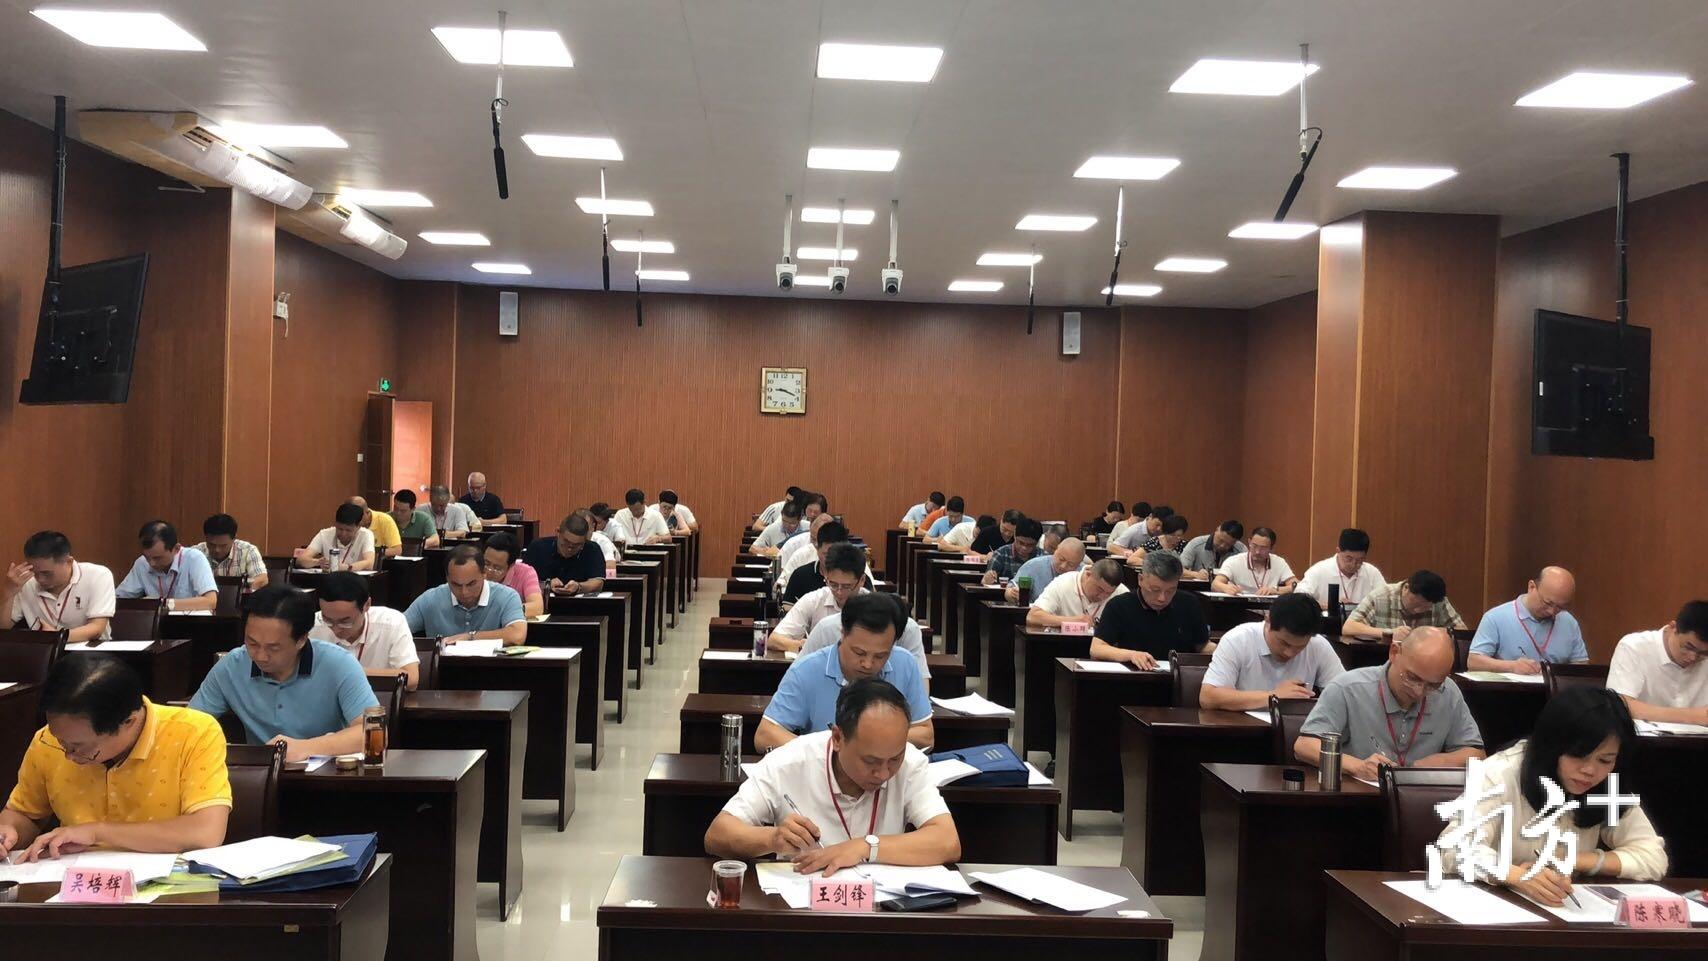 学员考试现场。